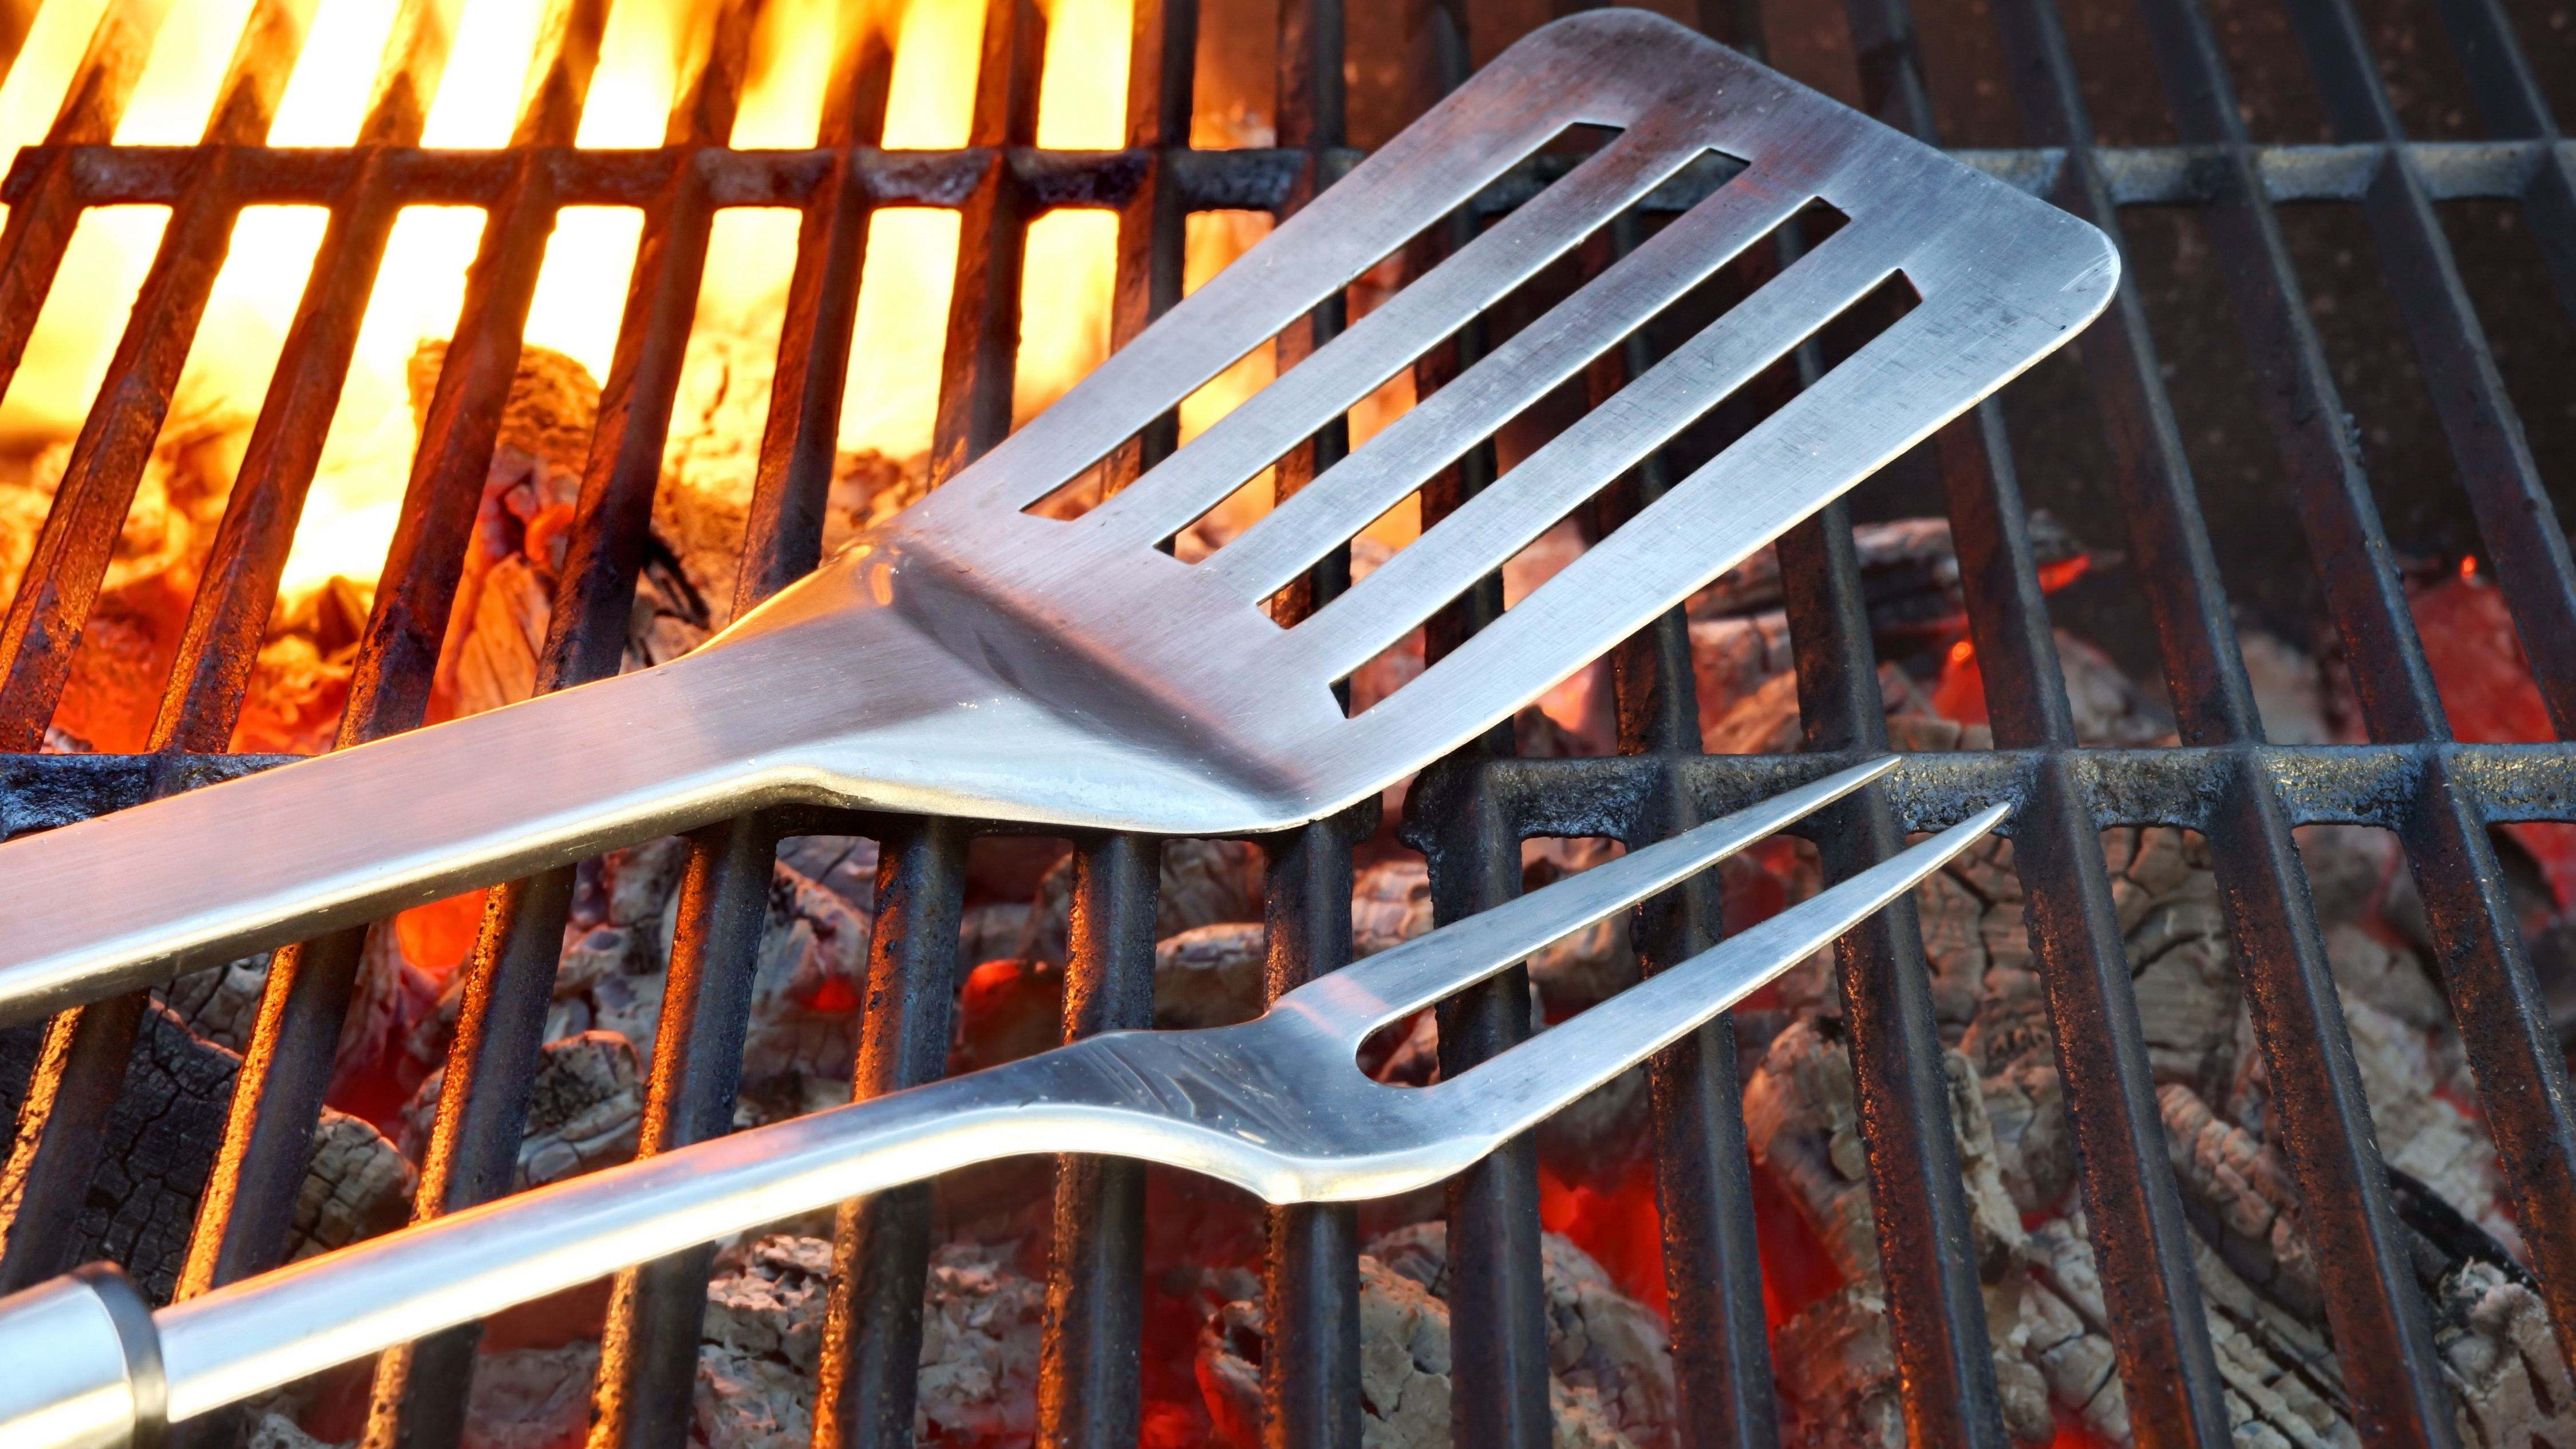 Accessoires de barbecue  : les indispensables pour cuisiner et nettoyer